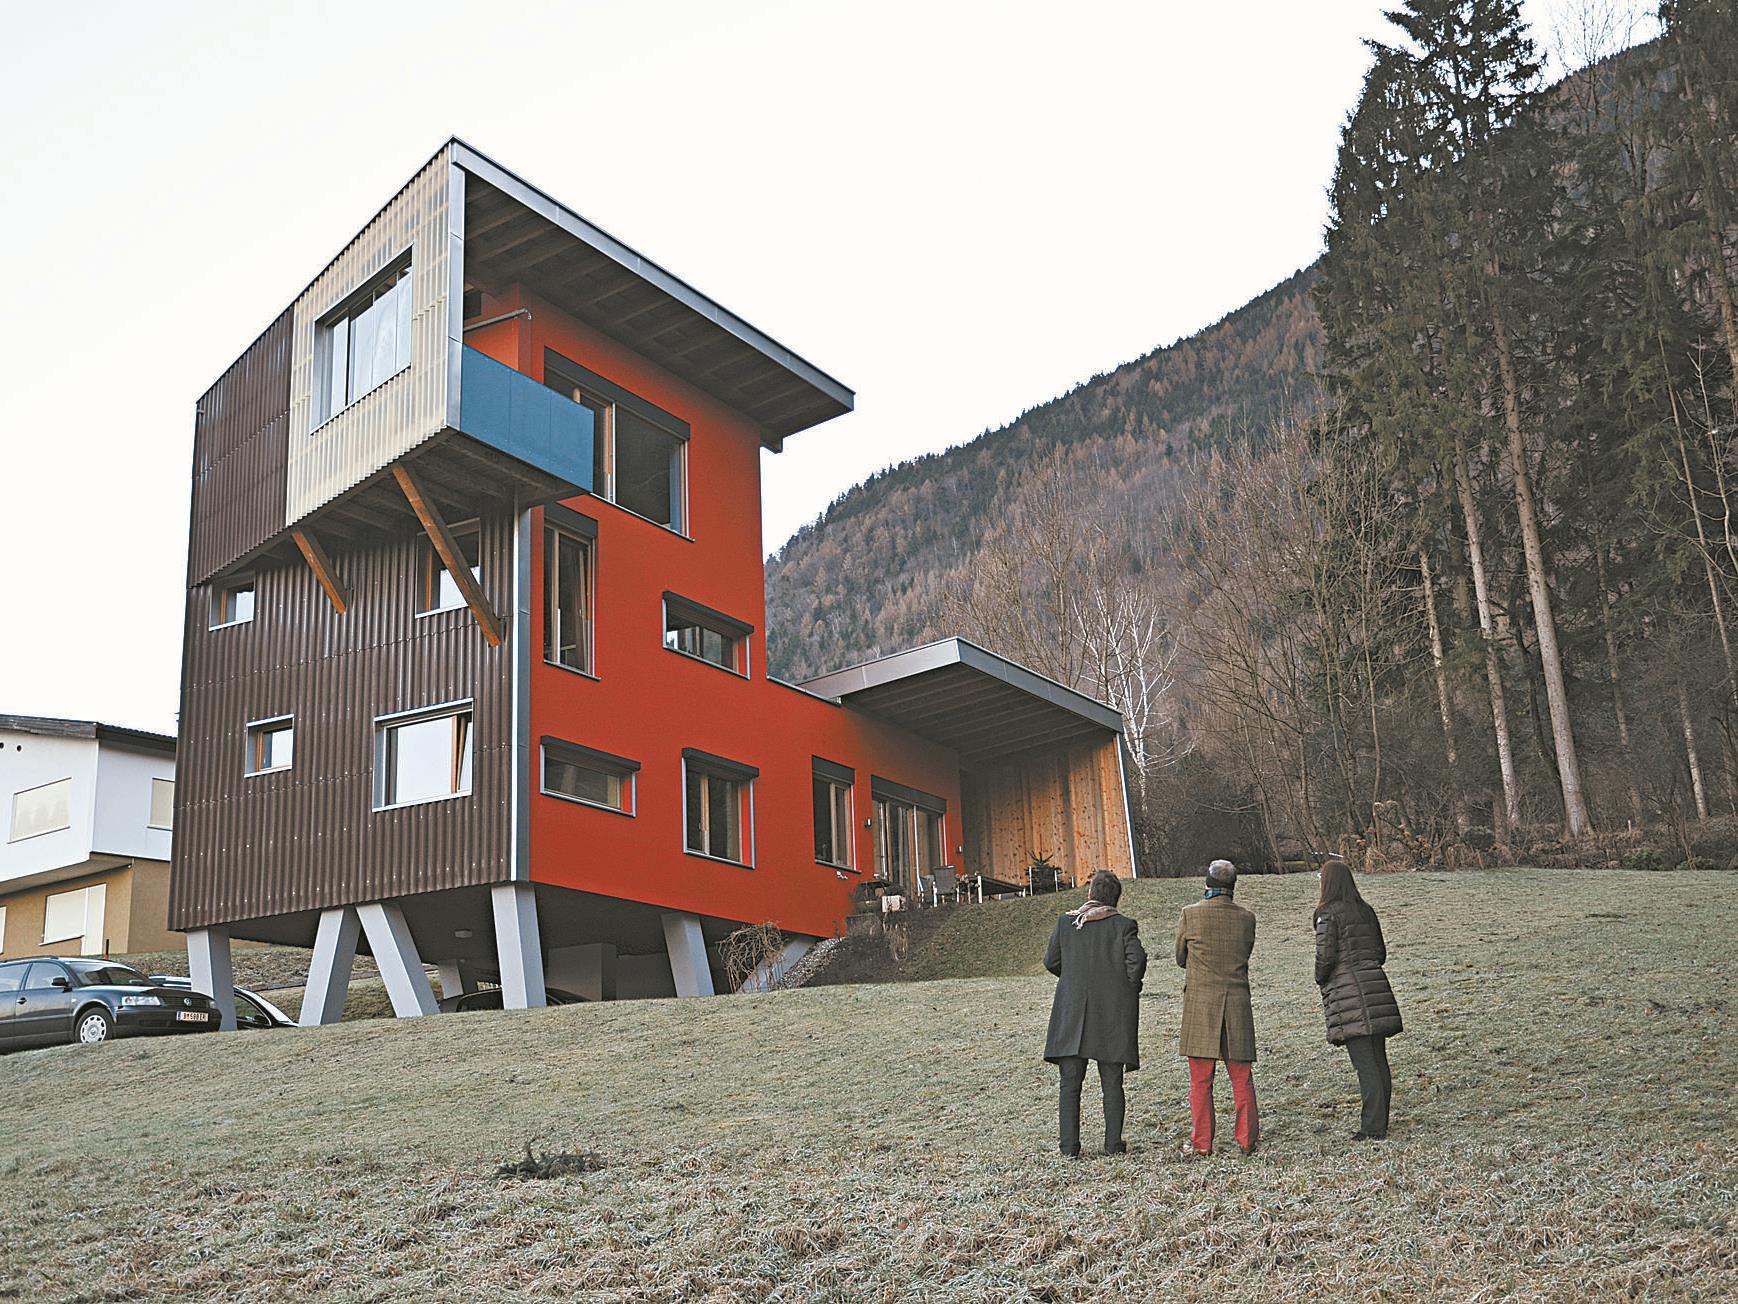 Ein Wohnraum zu ebener Erde, beschützt von der kräftigen Geste des auskragenden Daches.